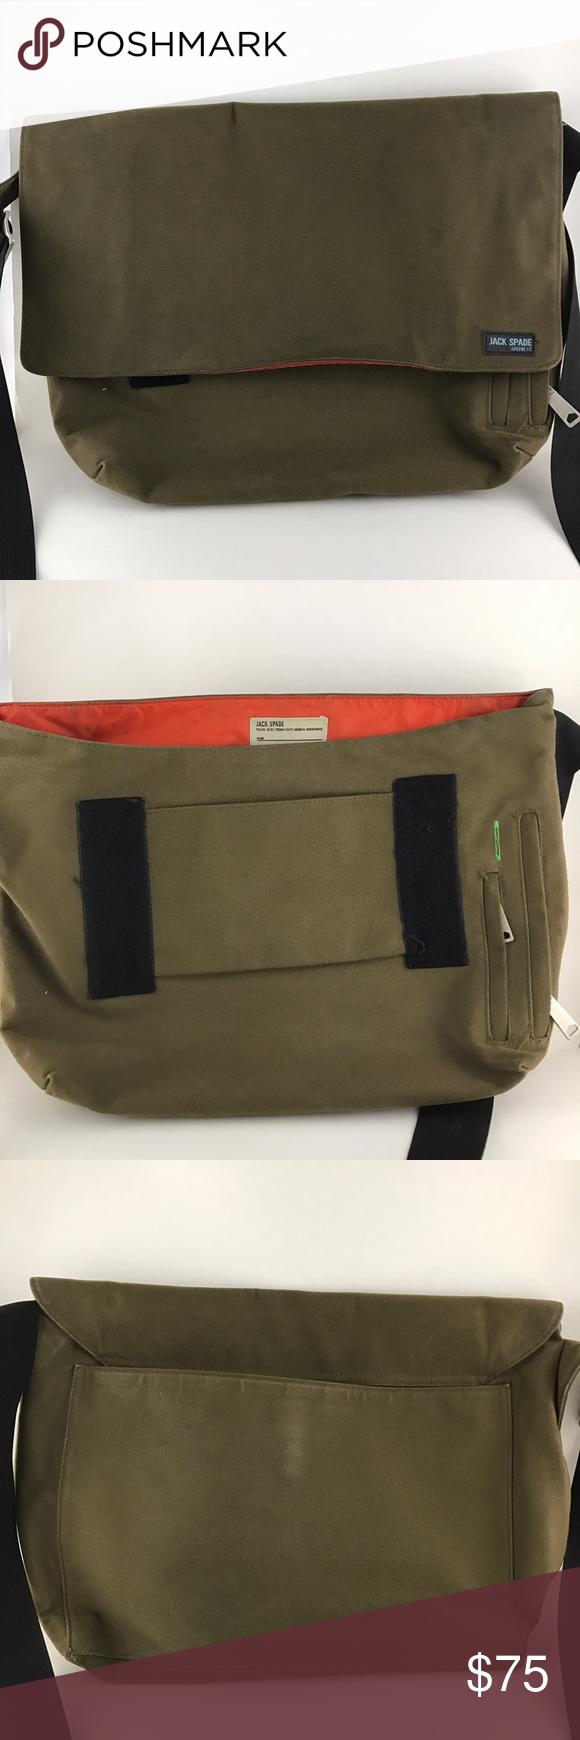 Jack Spade Greene St Messenger Shoulder Bag Bag is in good condition. Jack Spade Bags Messenger Bags